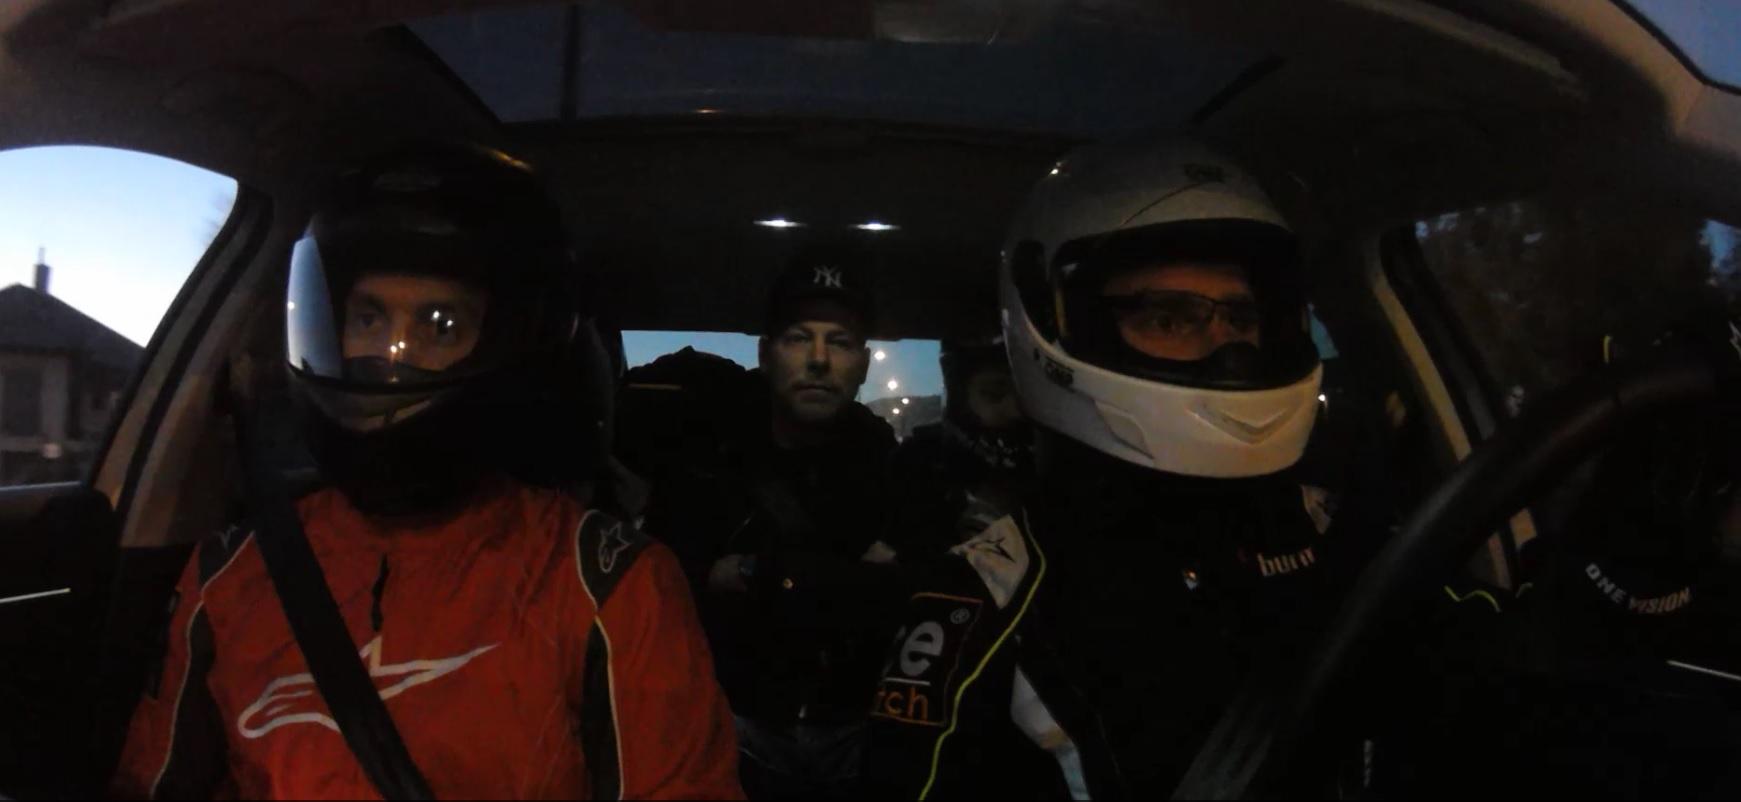 Ezek megőrültek: F1-es szerelésben a budapesti sötétségben